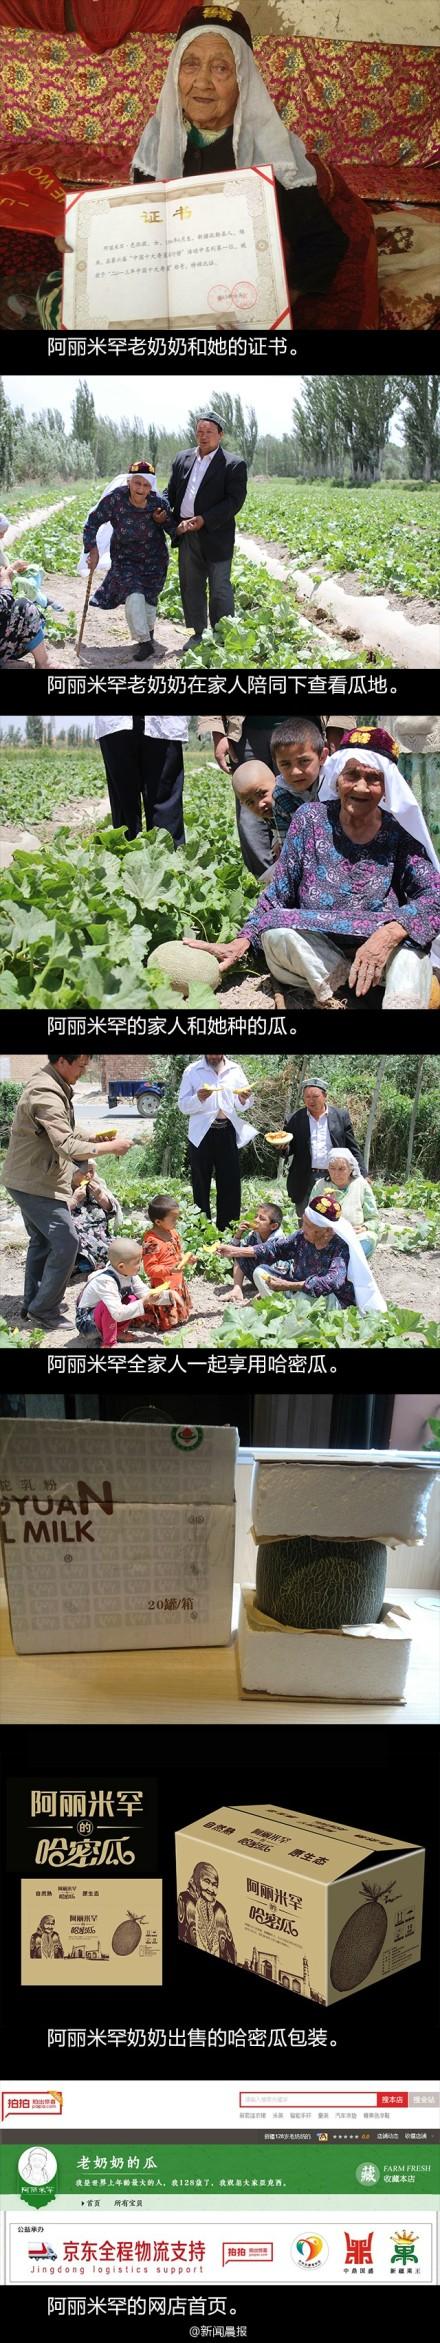 128岁维吾尔族老奶奶开网店卖哈密瓜